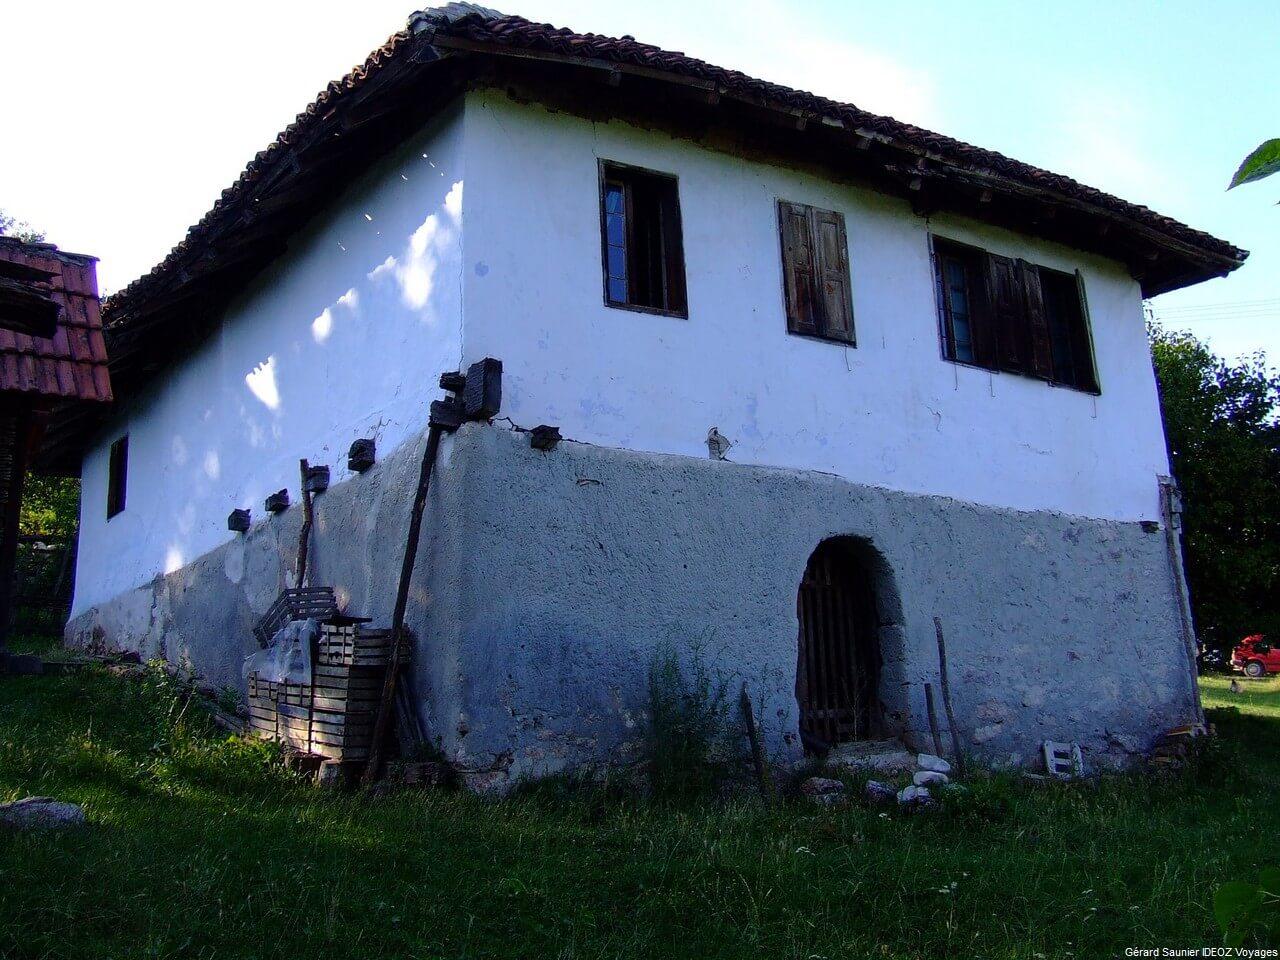 Rencontre inoubliable à Arilje en Serbie centrale : merveilleux souvenir 15